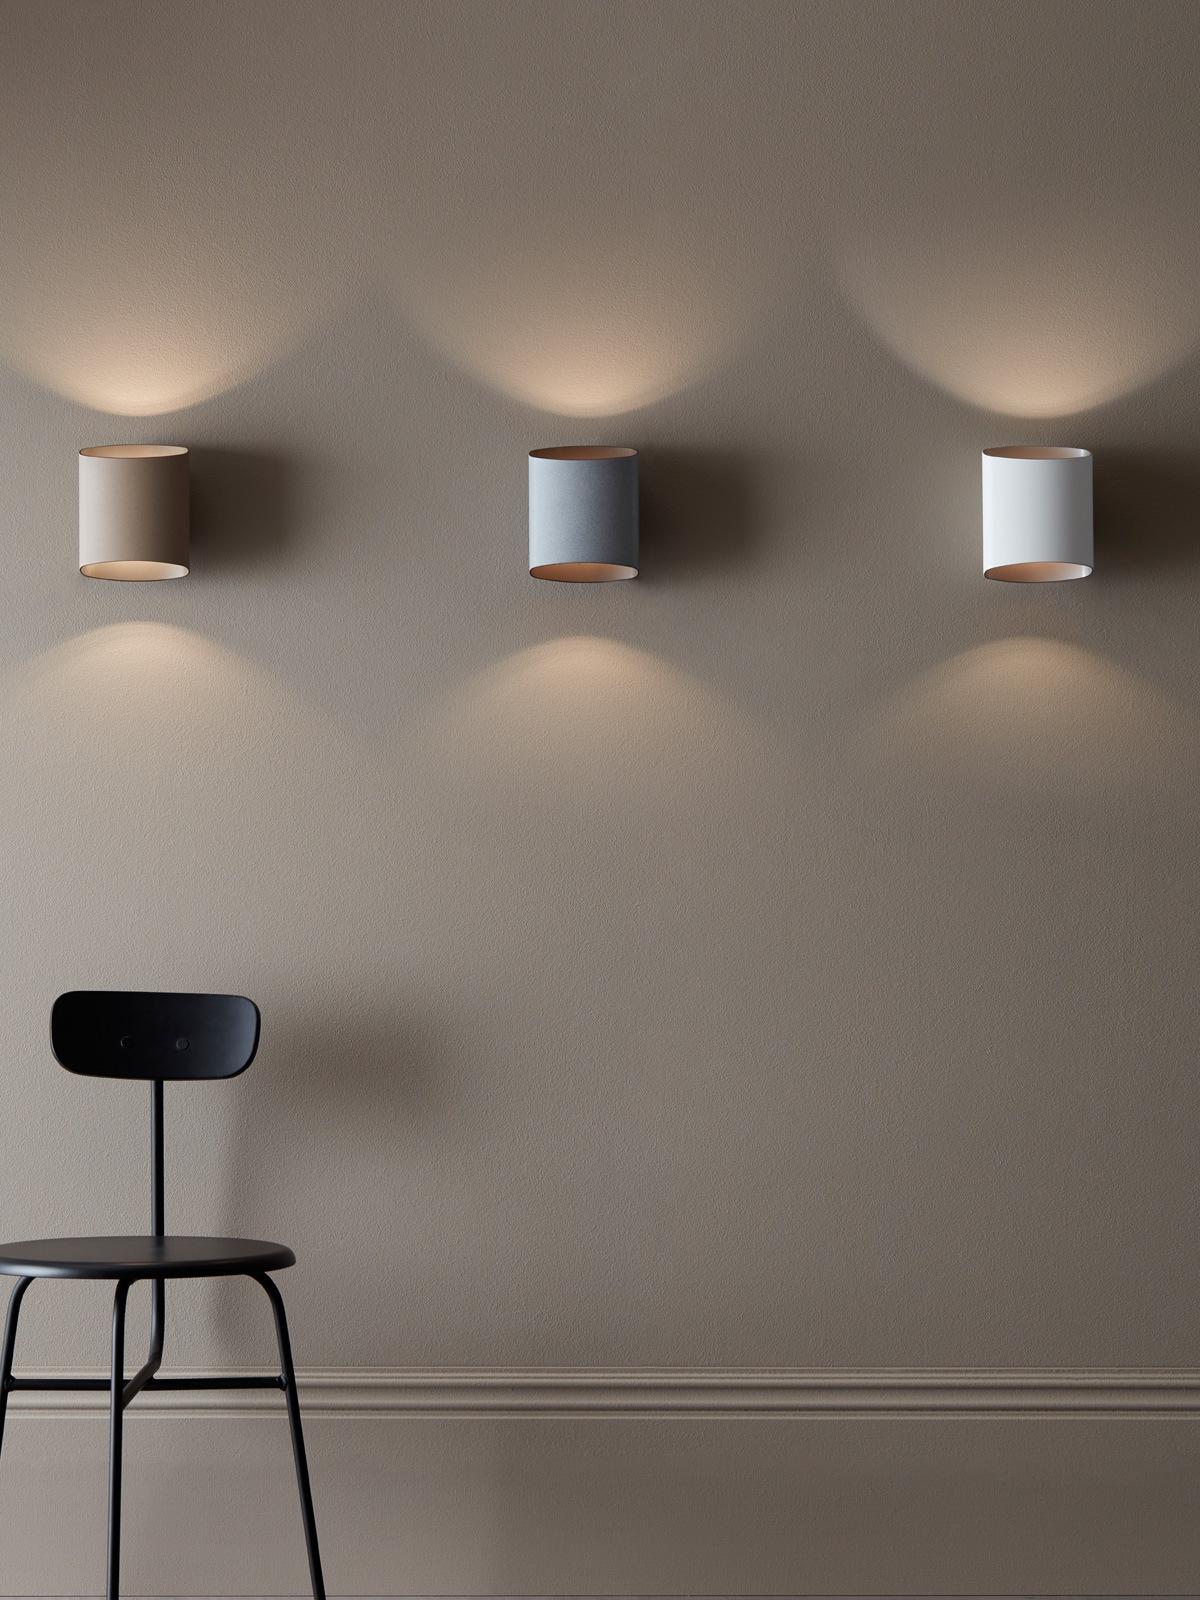 Designerleuchten Wand Sinne von Belid skandinavisch Beleuchtung Designort